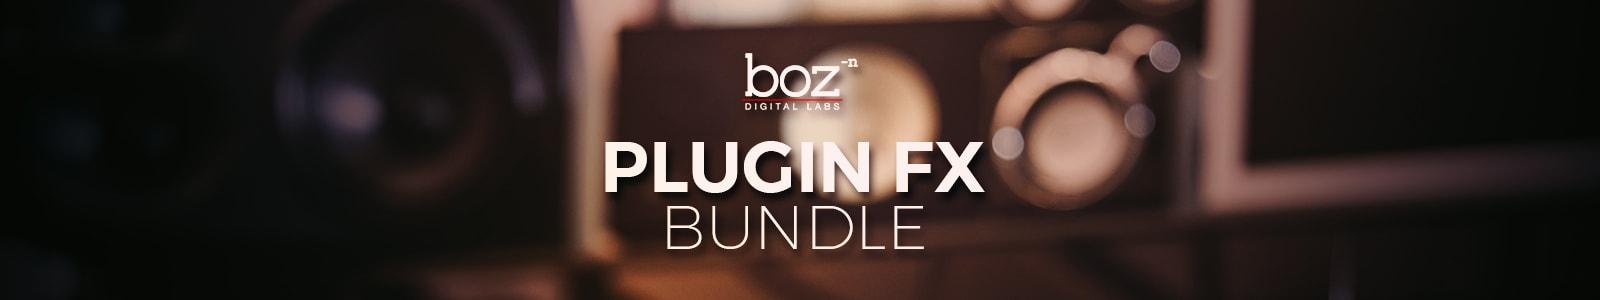 plugin fx bundle